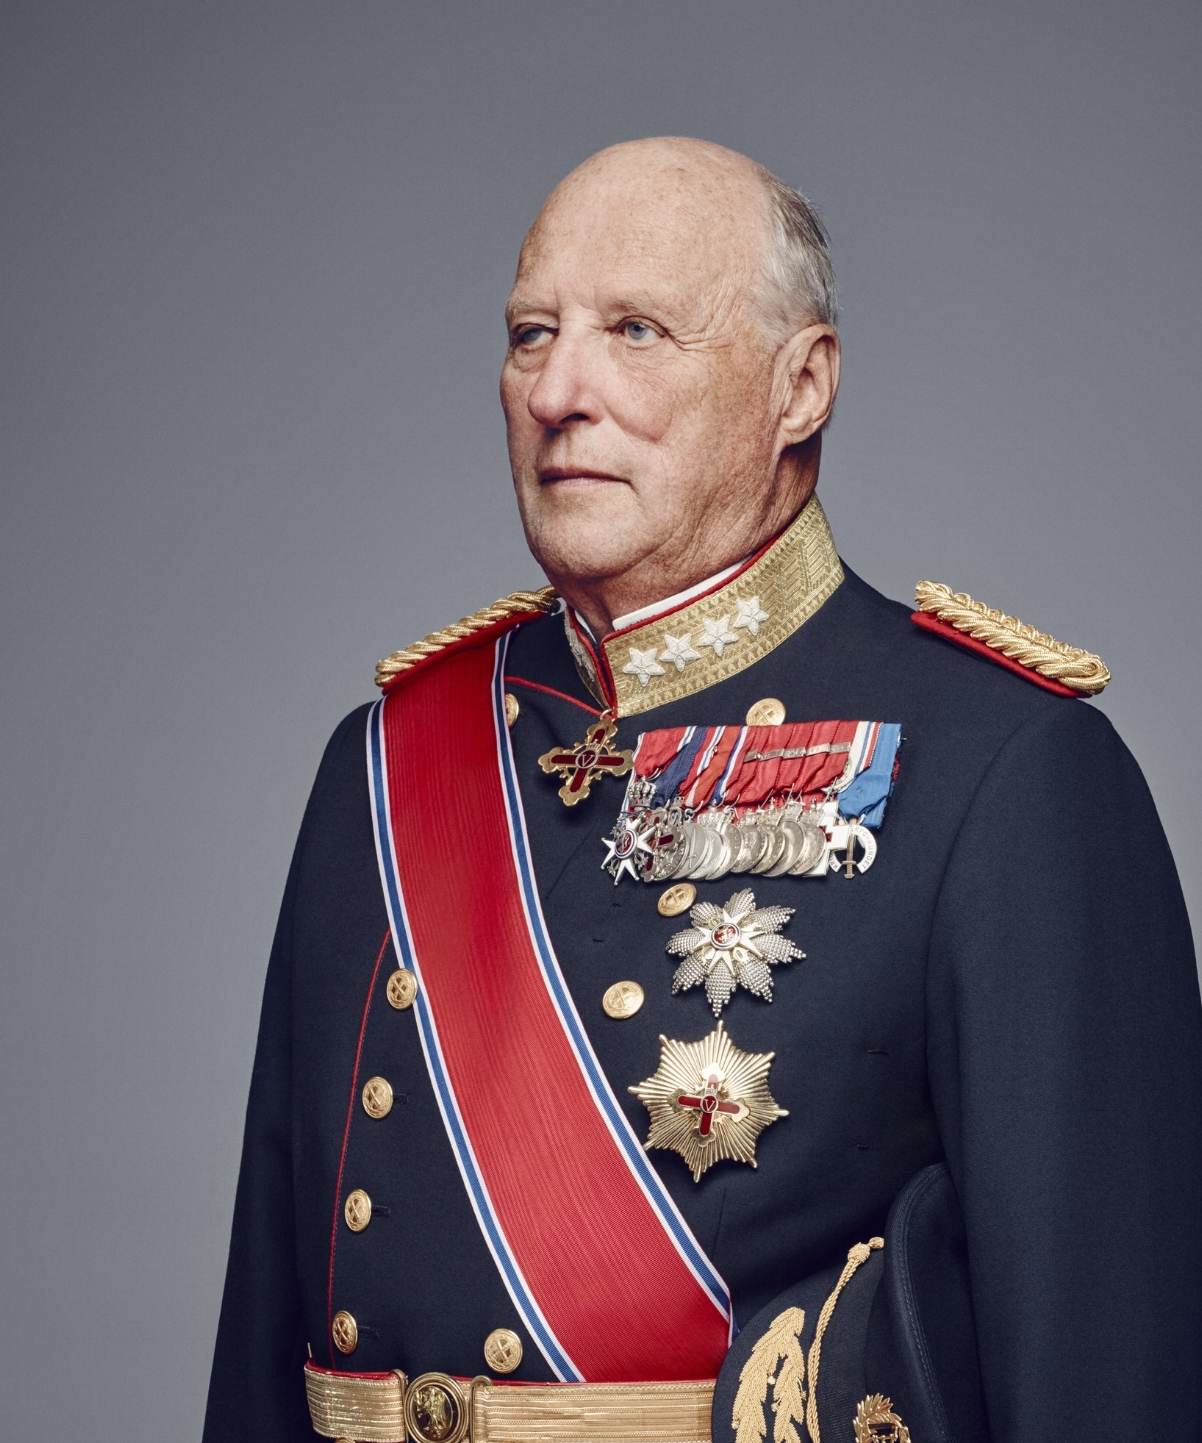 Hans Majestet kong Harald besøker Oslo Konserthus 4. mai kl. 12.00